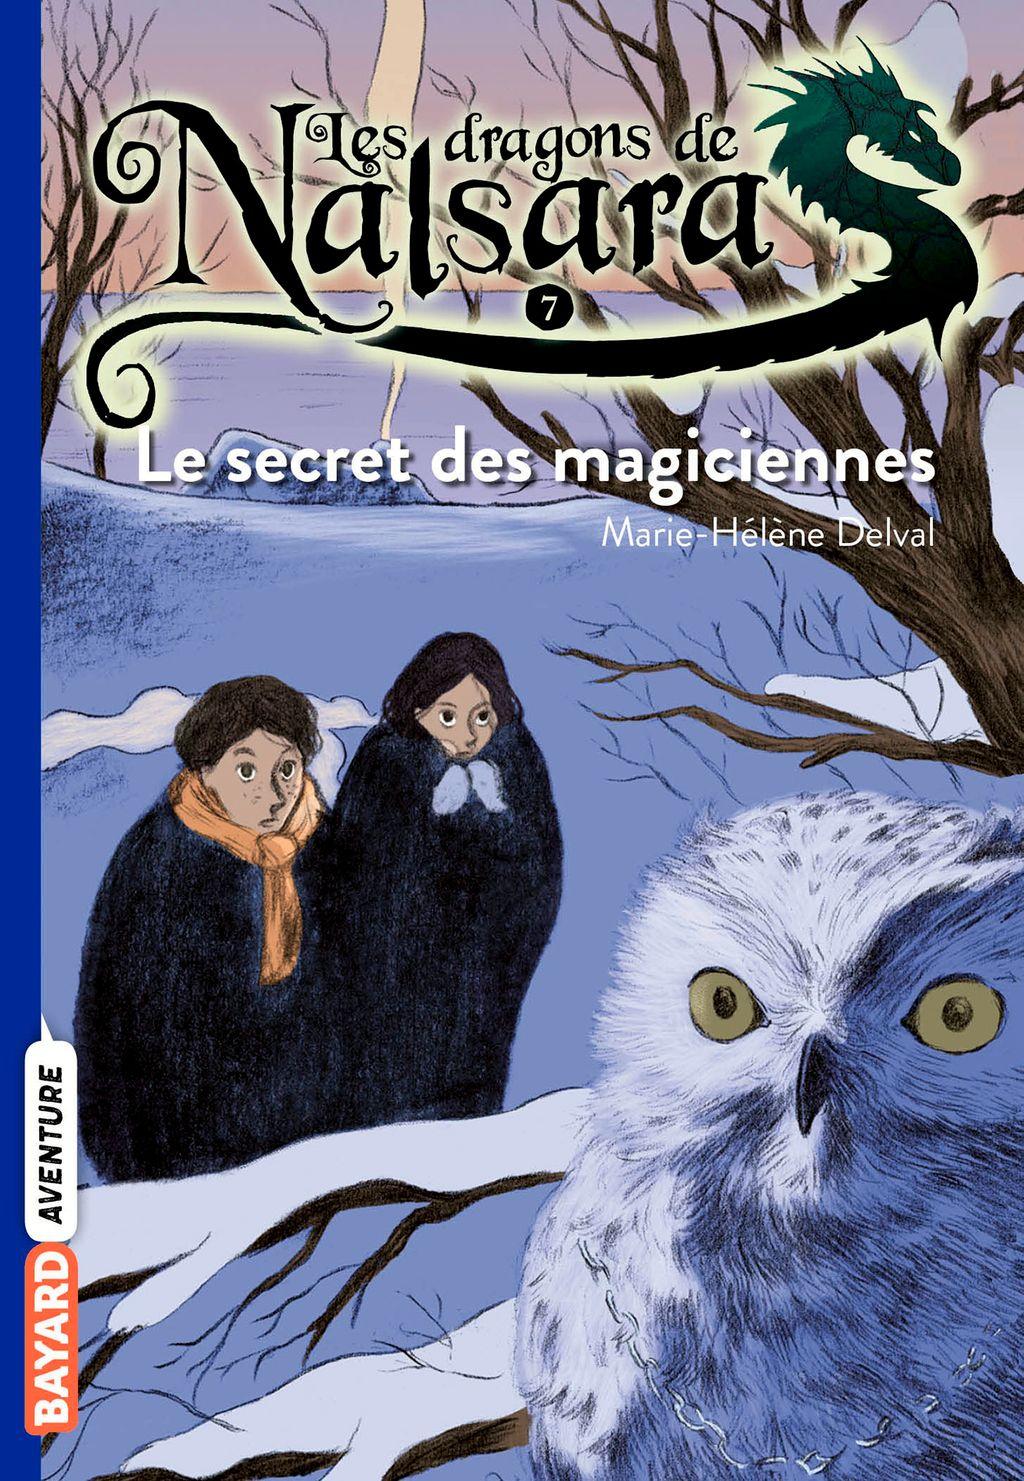 «Le secret des magiciennes» cover